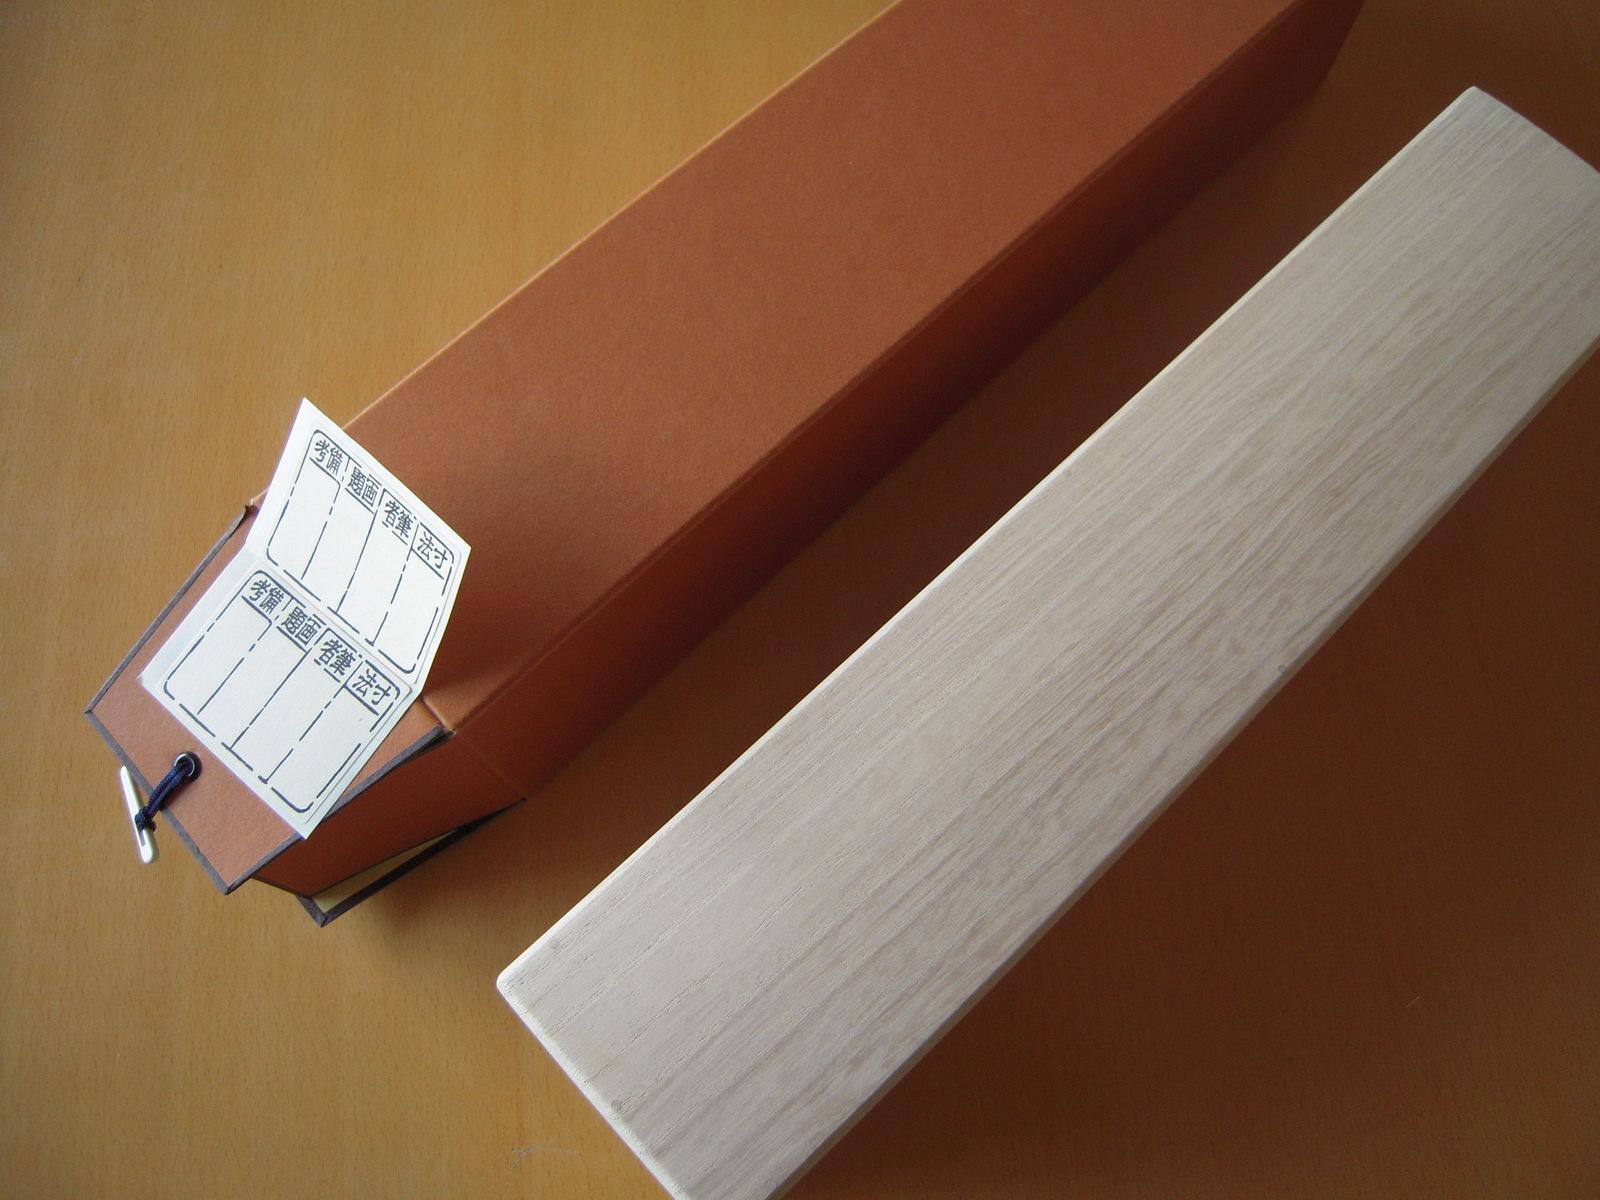 掛け軸箱 流行のアイテム 2尺9寸5分 D 894 W 60 H 65 295 単品 国産 桐製 百貨店 伝統工芸 安価な インテリア 整理 収納 タトウ紙 手作り シール 虫除け 賞状 軸箱